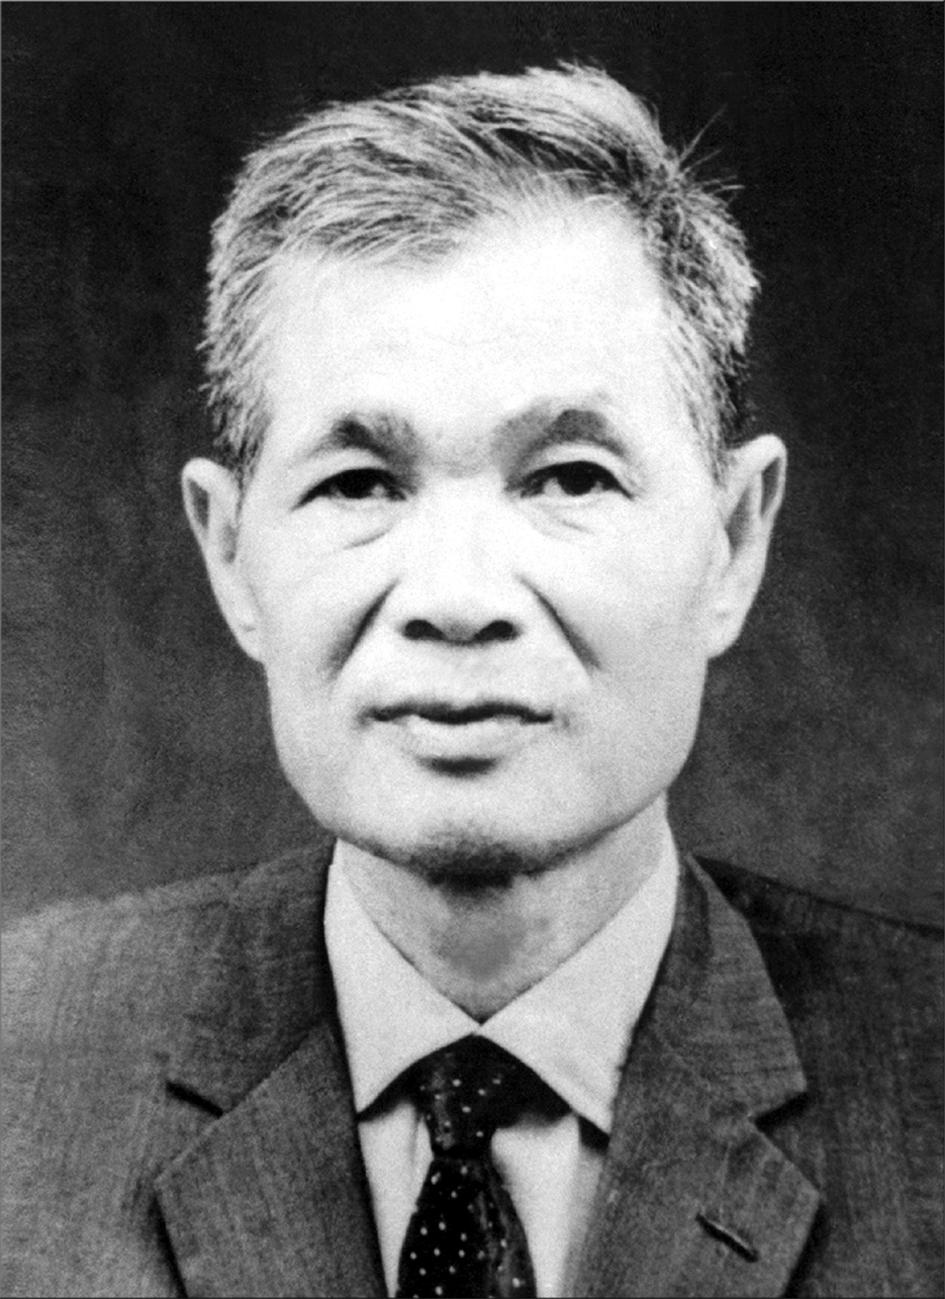 Lê Văn Lương (1912-1995)